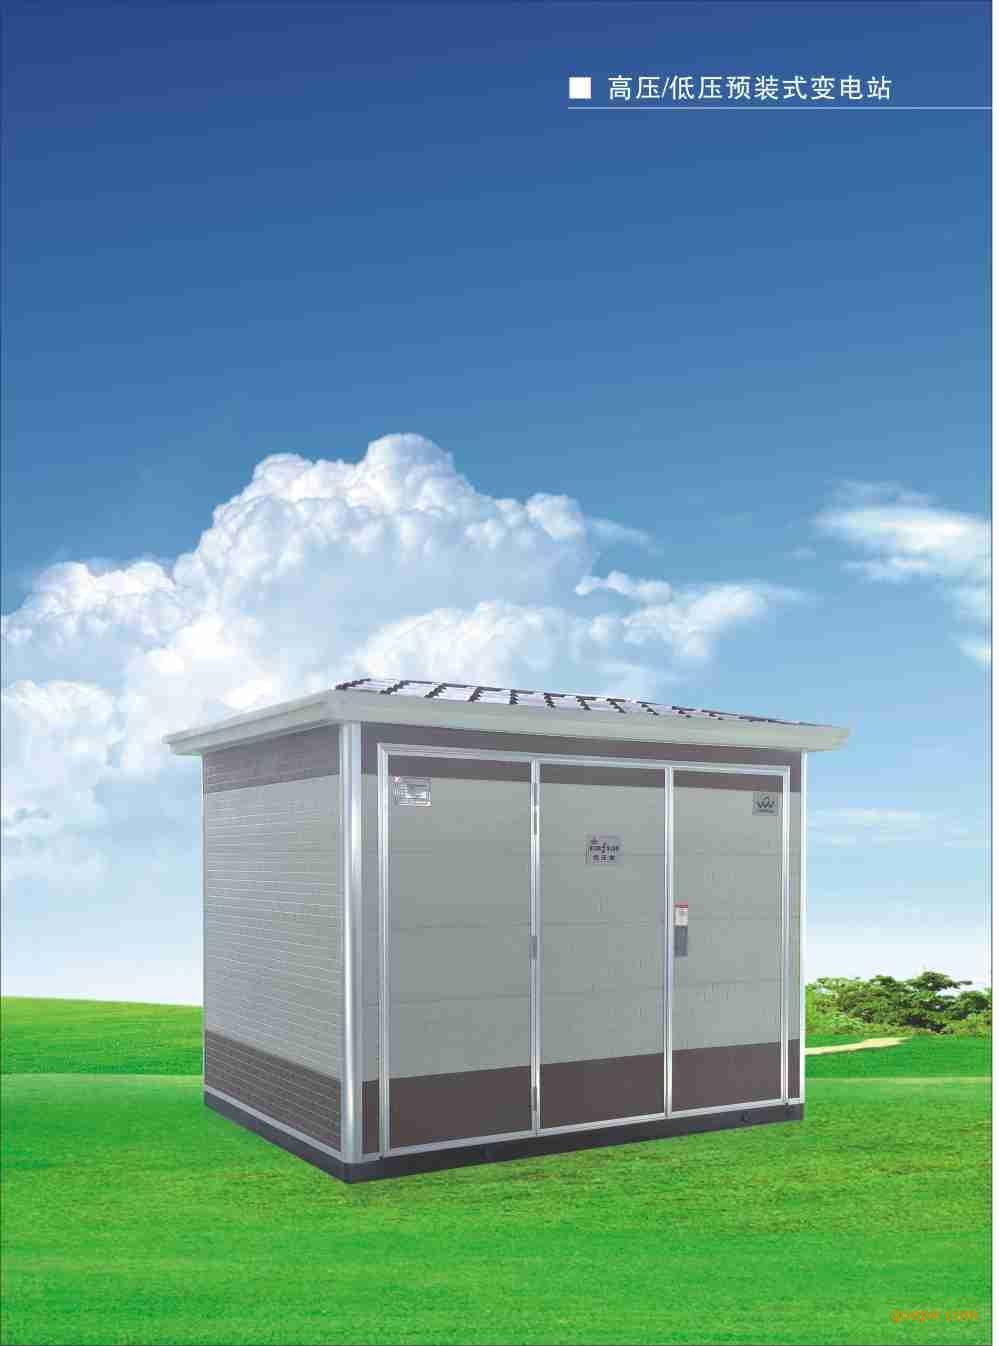 zbw-12箱式变电站*zbw-12价格图片